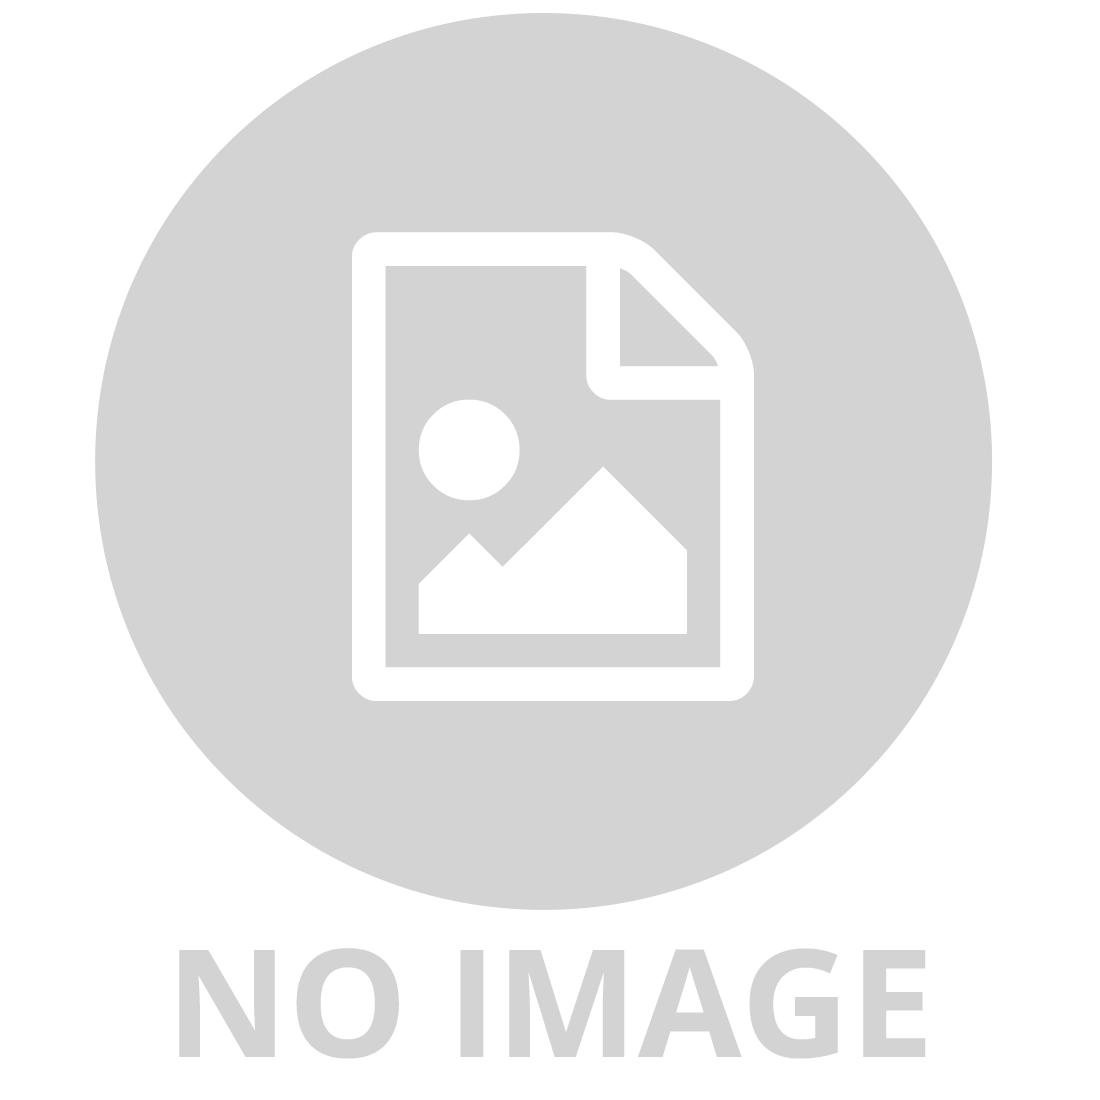 MELISSA AND DOUG- CAR CARRIER